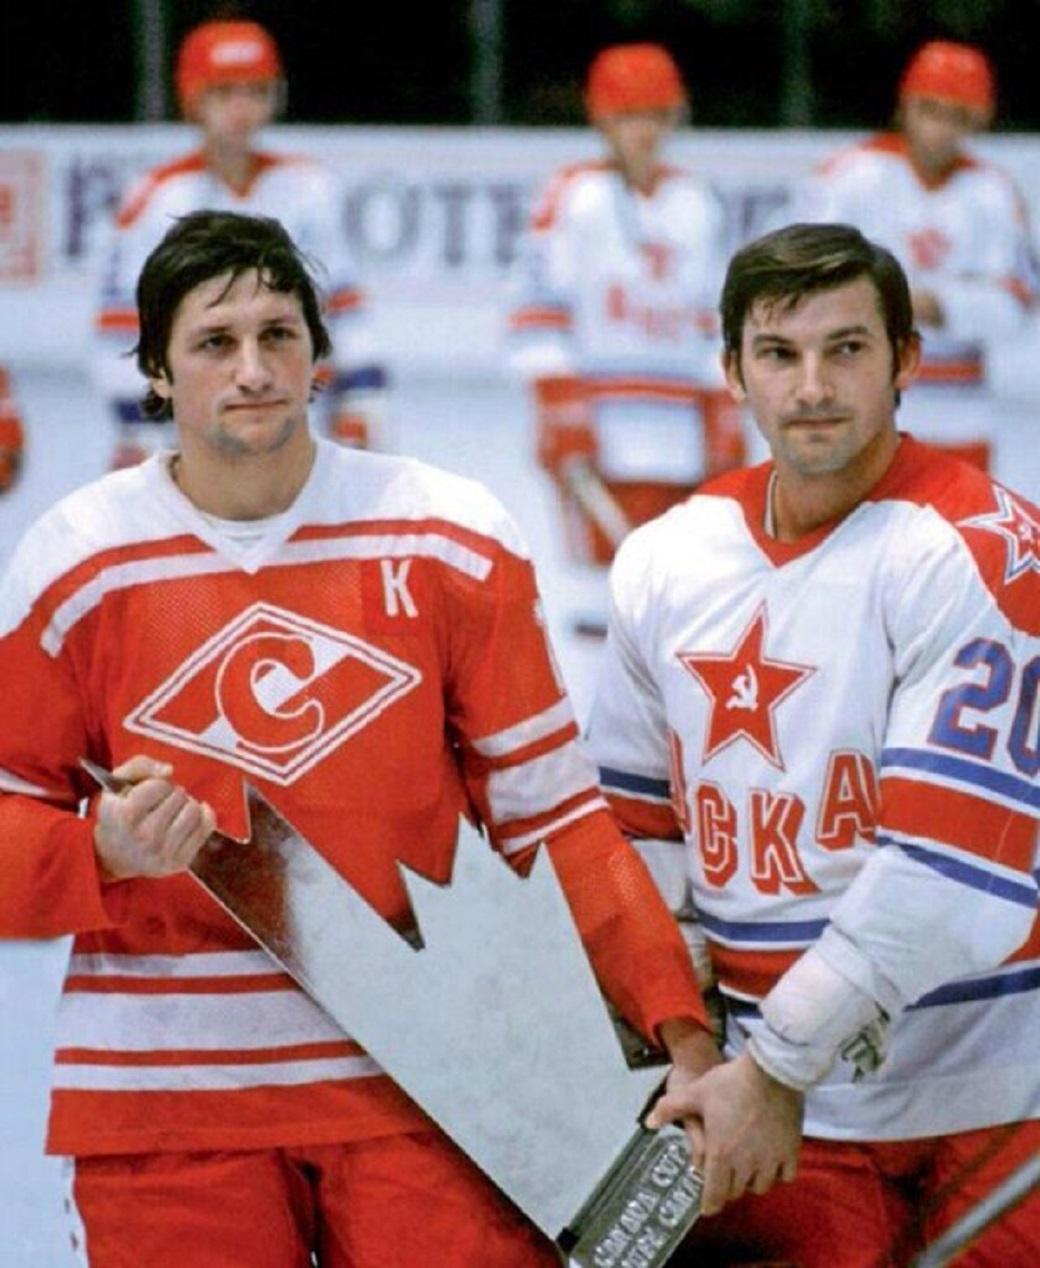 Сергей Капустин и Владислав Третьяк с Кубком Канады 1981